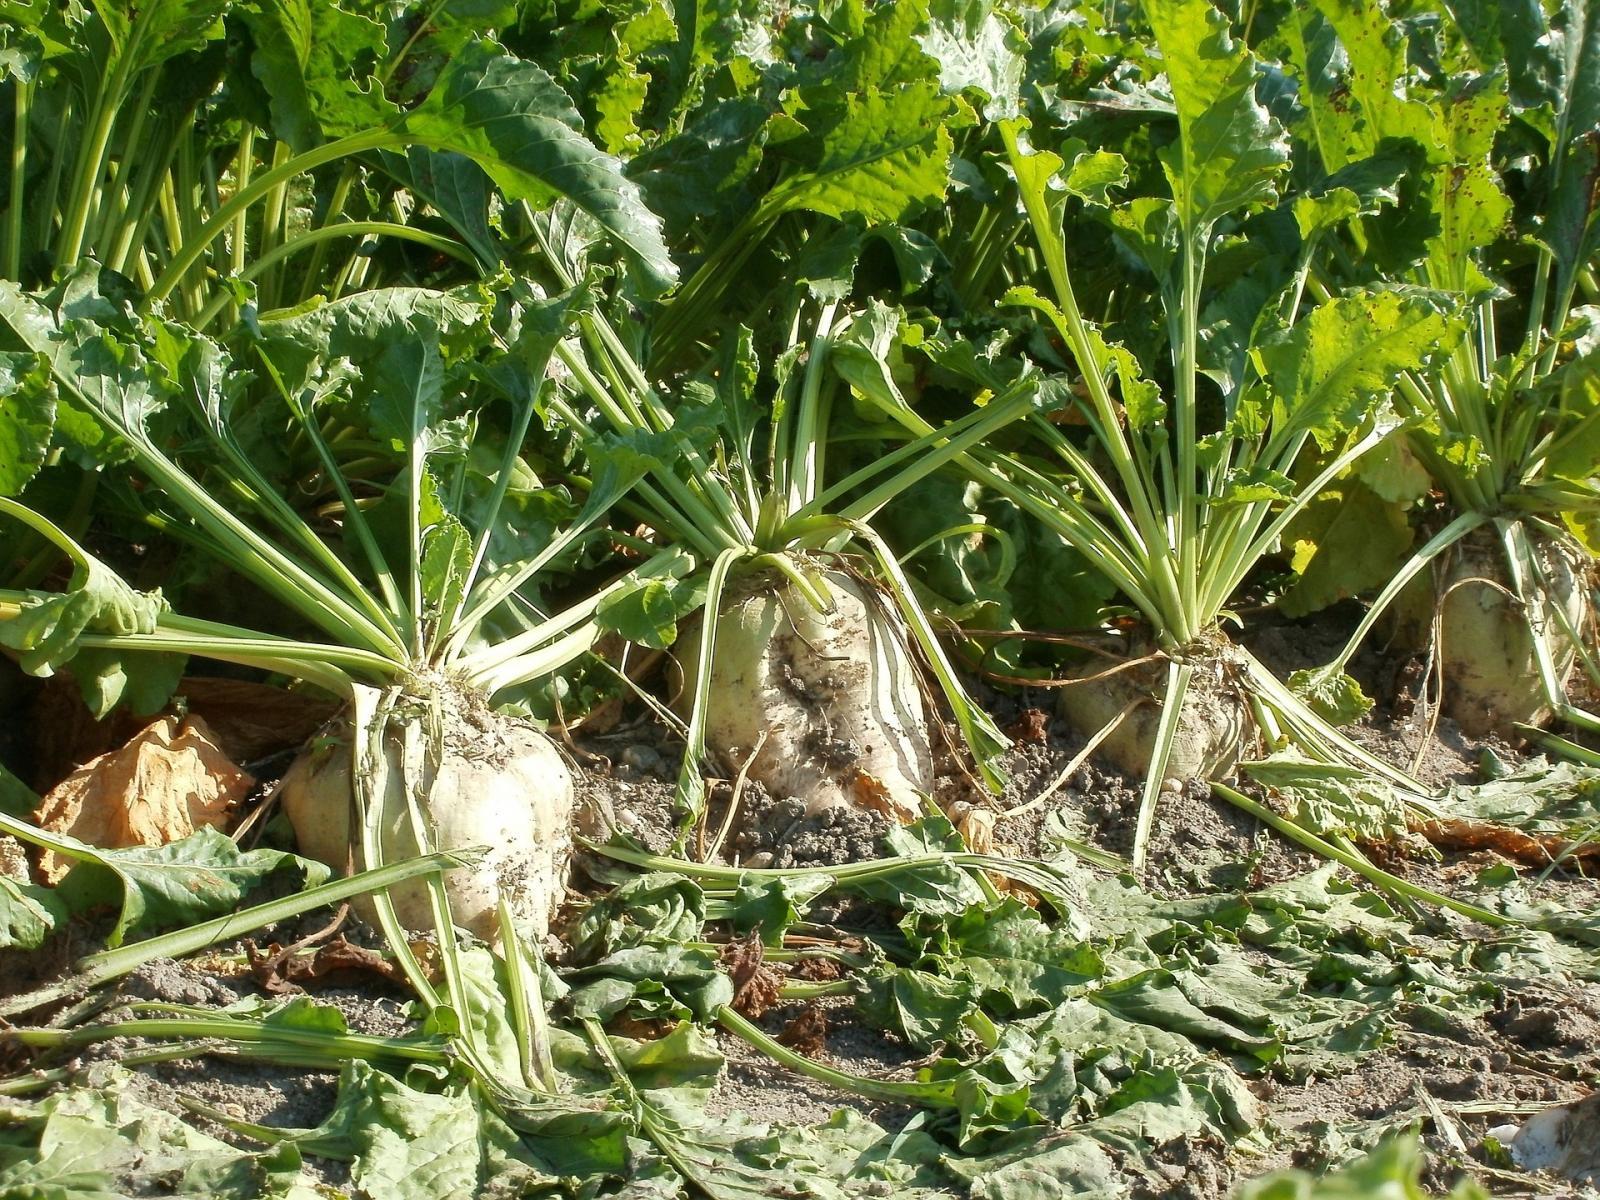 Sugar beet. Photo credit: Pixabay